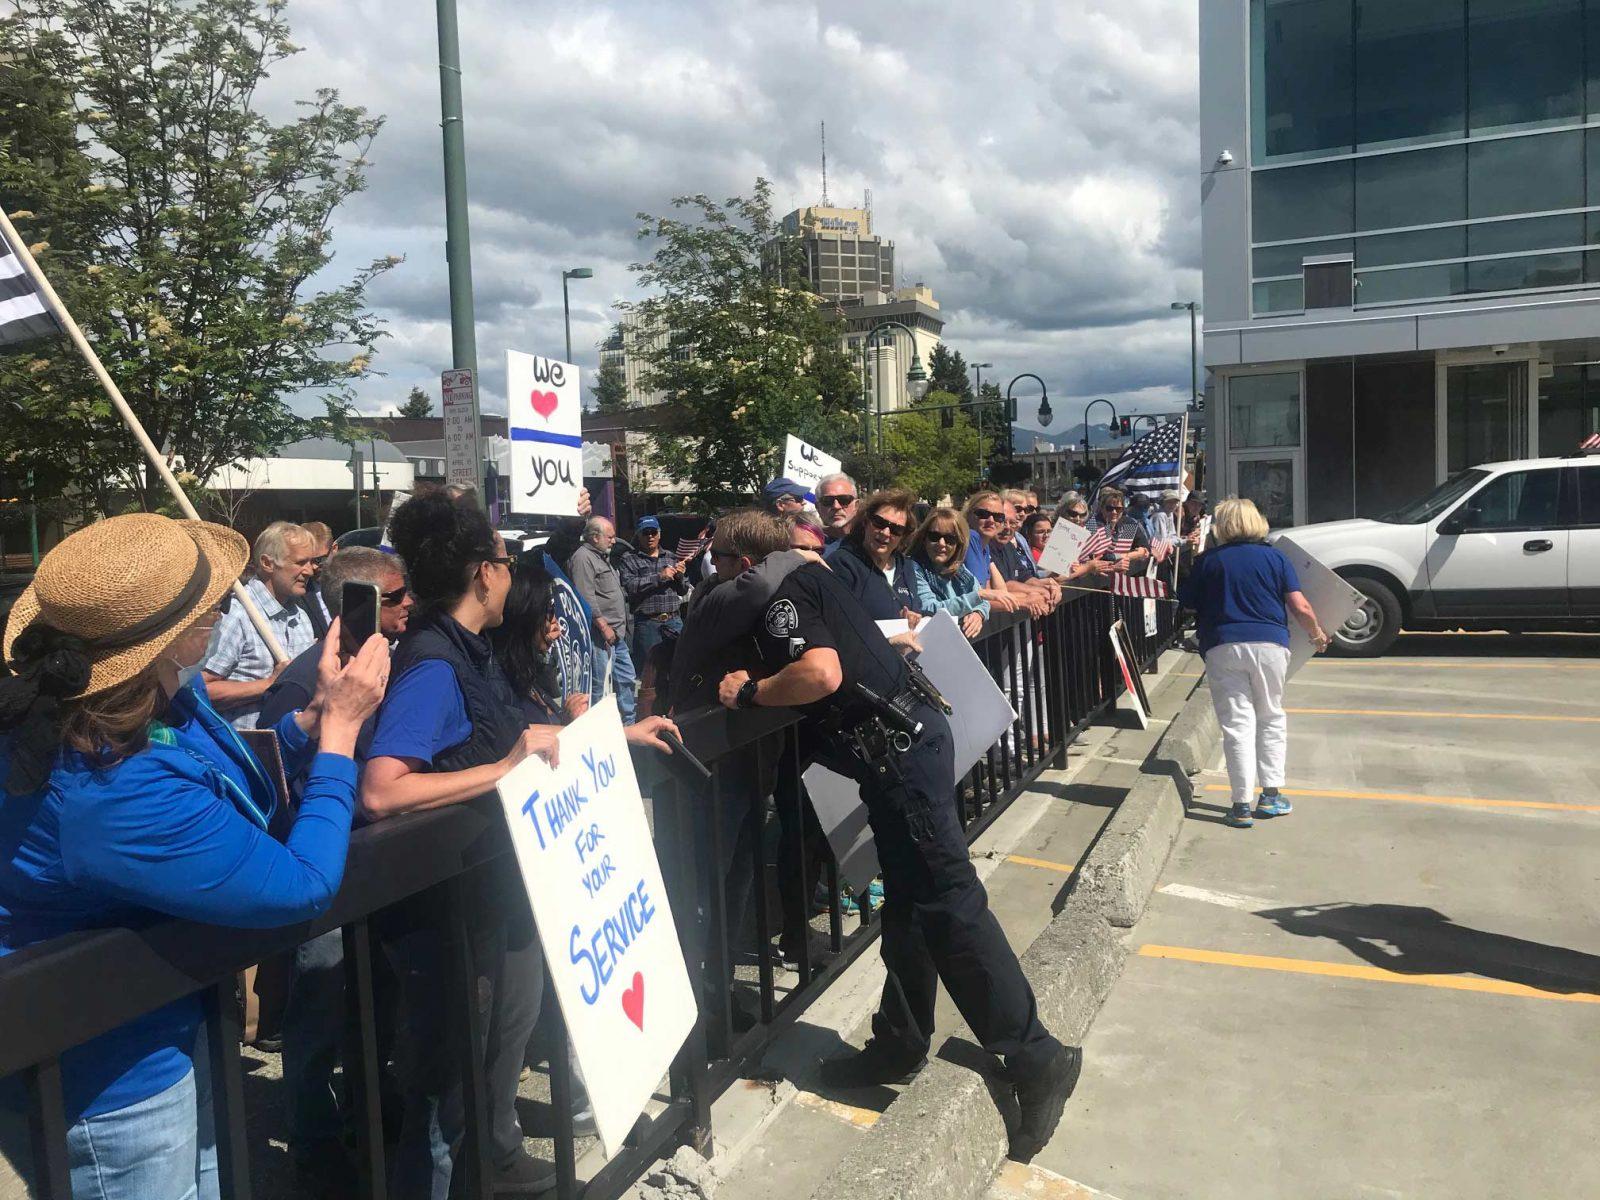 Police rally4